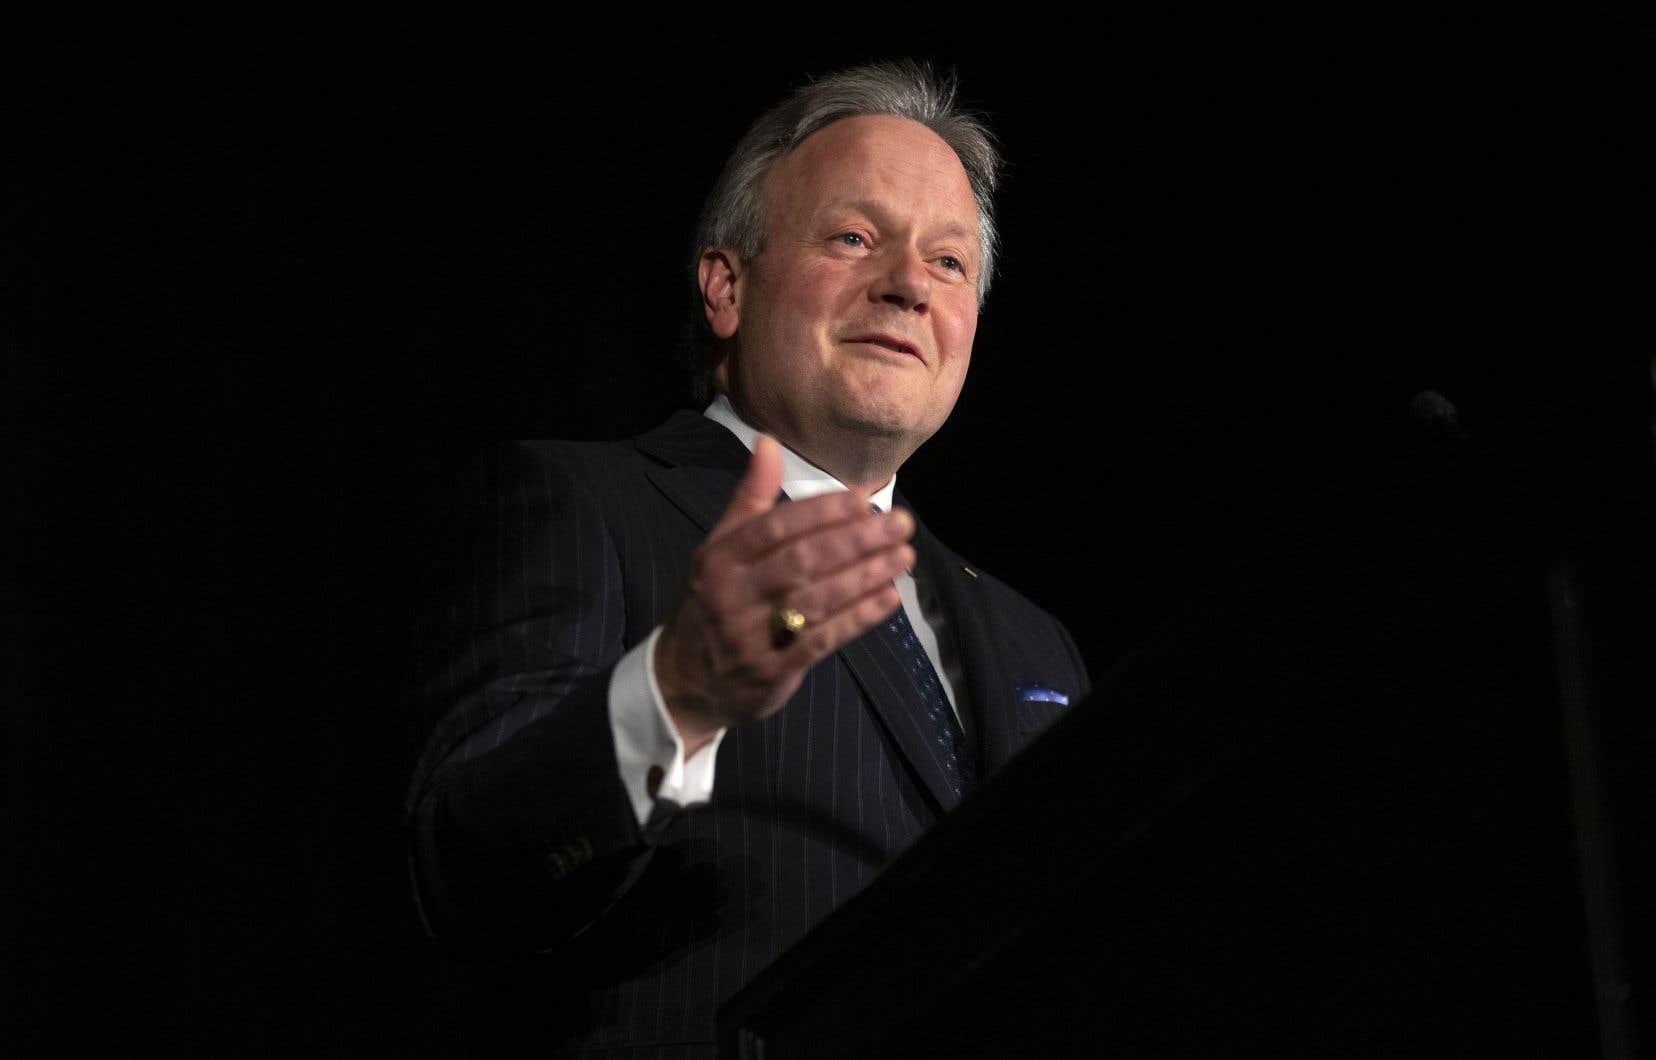 Stephen Poloz quittera prochainement le poste de gouverneur de la Banque du Canada, qu'il a occupé durant sept ans.